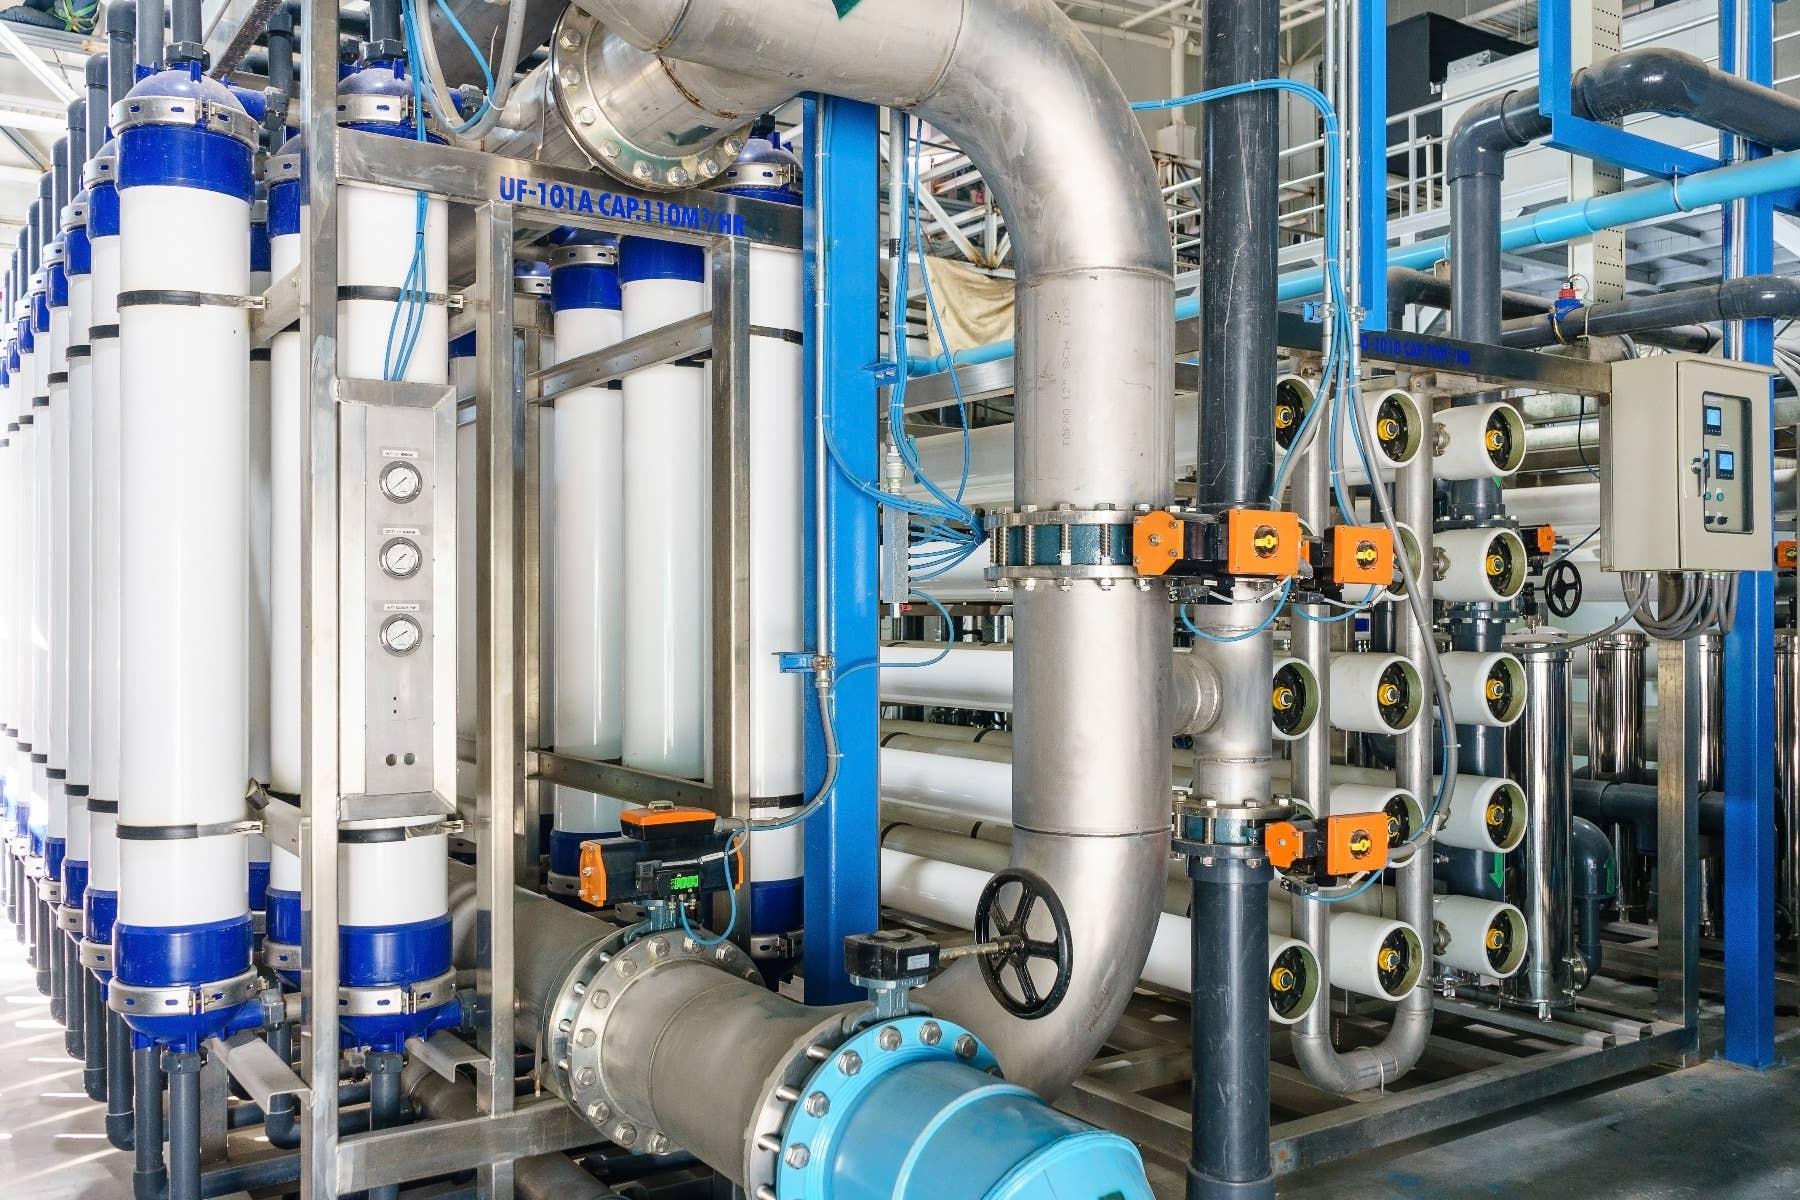 Umkehrosmoseanlage für eine Trinkwasseranlage.